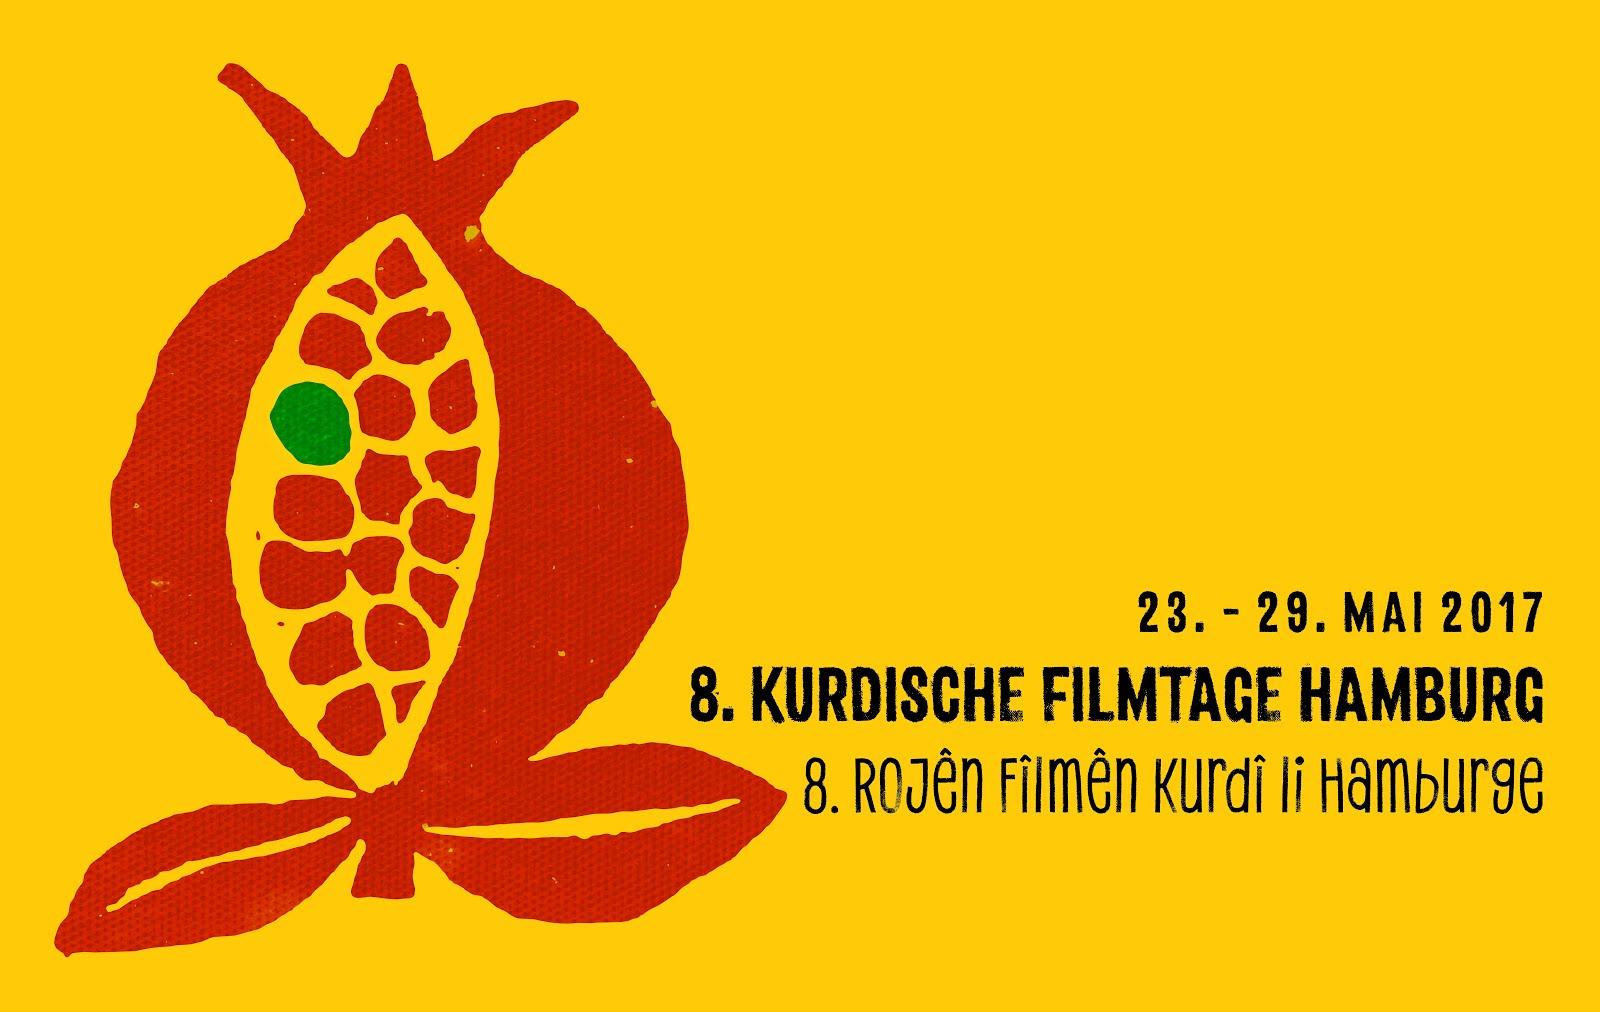 8. Kurdische Filmtage Hamburg